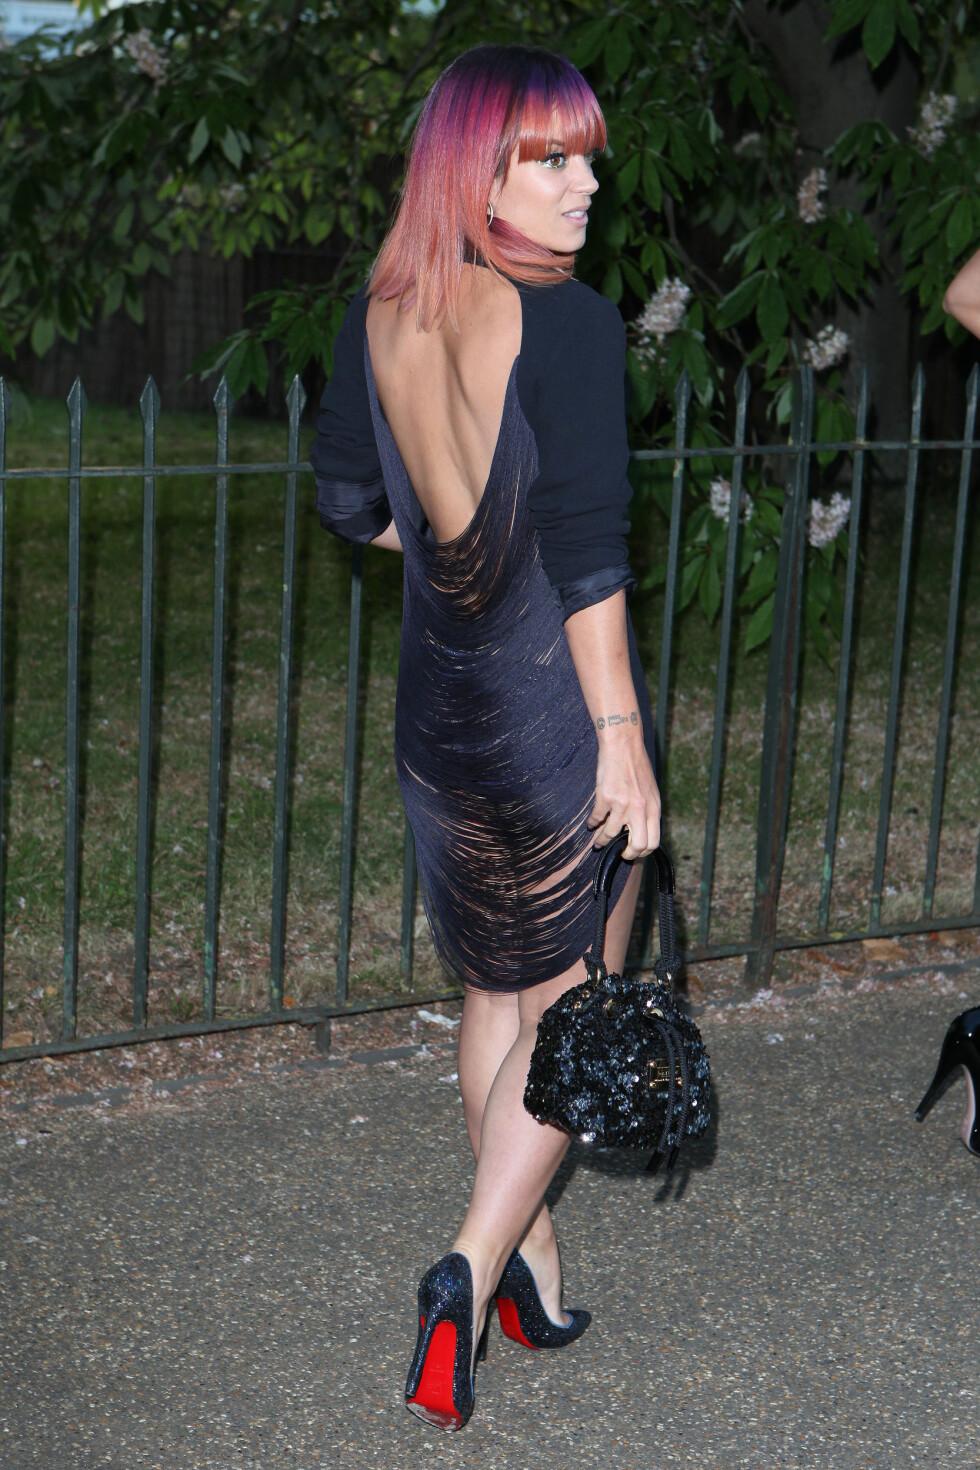 EN V-UTRINGNING GIR EN FLOTT LANG RYGG: - En utringning som er formet som en V, vil få ryggen til å virke lenger, men kjolen bør ikke være for kort, sier KKs stylist Nadine Monroe. Her gjør popstjernen Lily Allen alt helt riktig - kjolen har en kledelig lengde, og ryggen kommer enda mer fram siden kjoleermene er lange.  Foto: action press/All Over Press